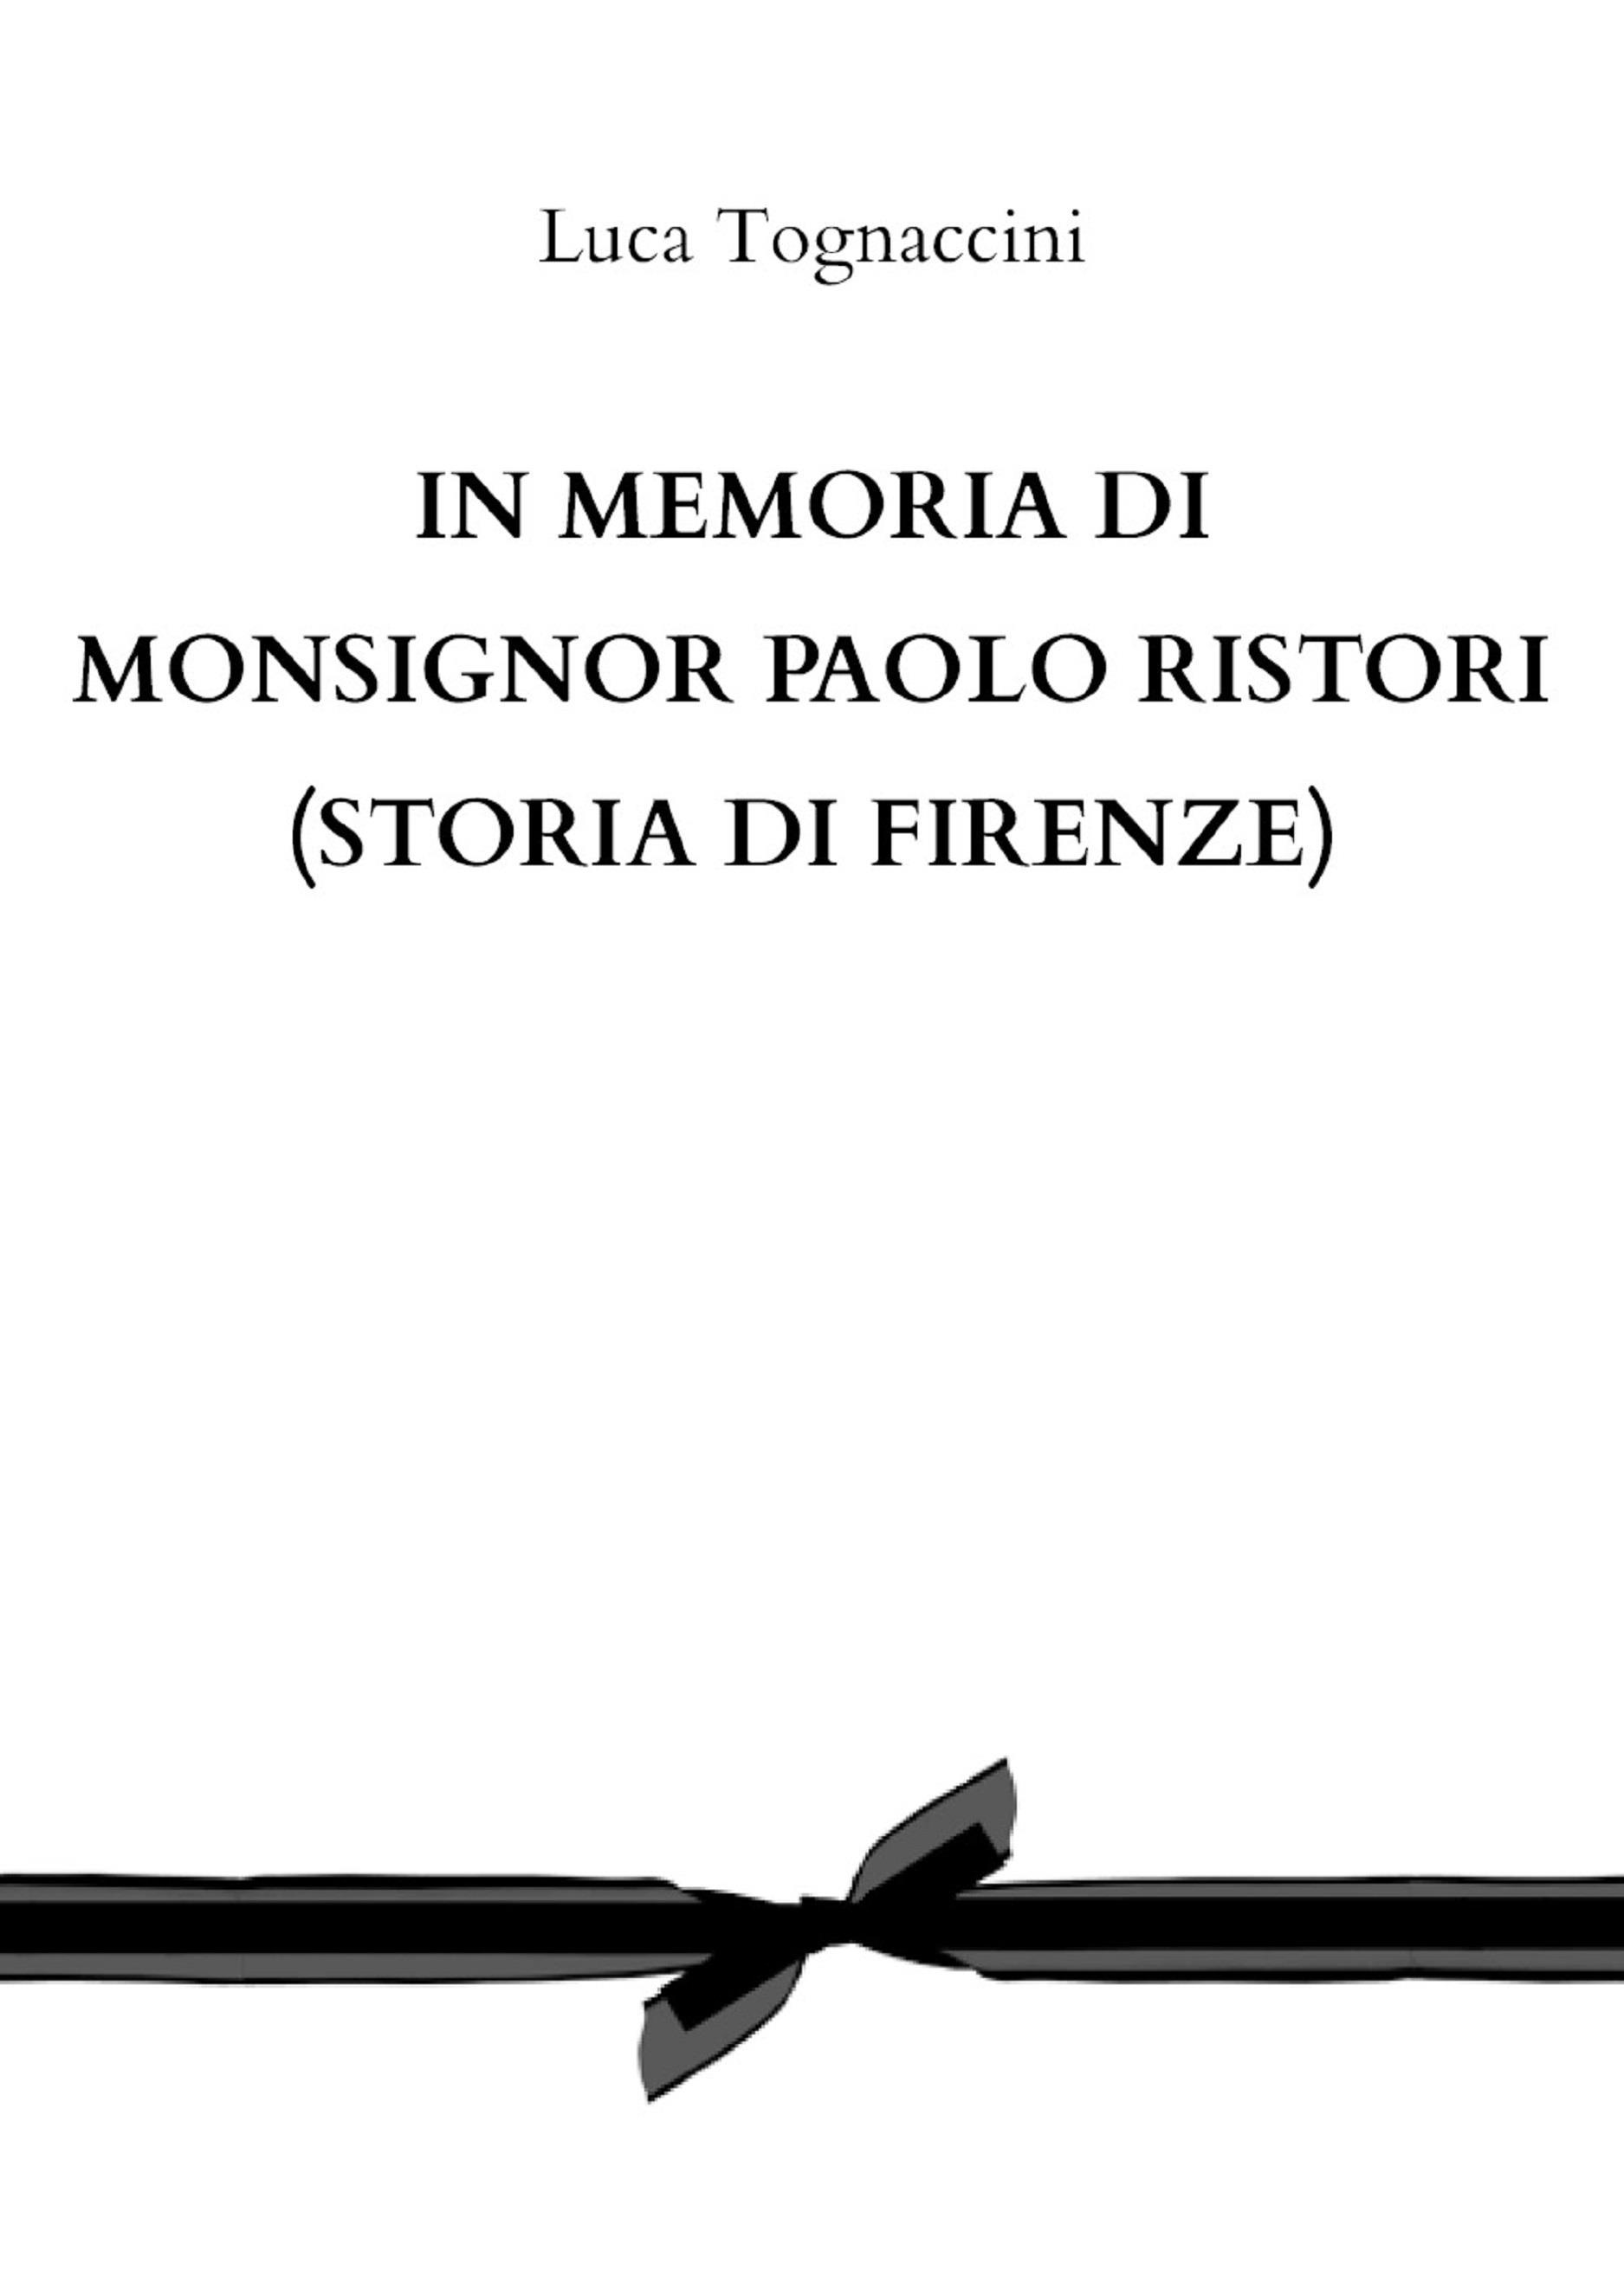 In memoria di Monsignor Paolo Ristori (STORIA DI FIRENZE)